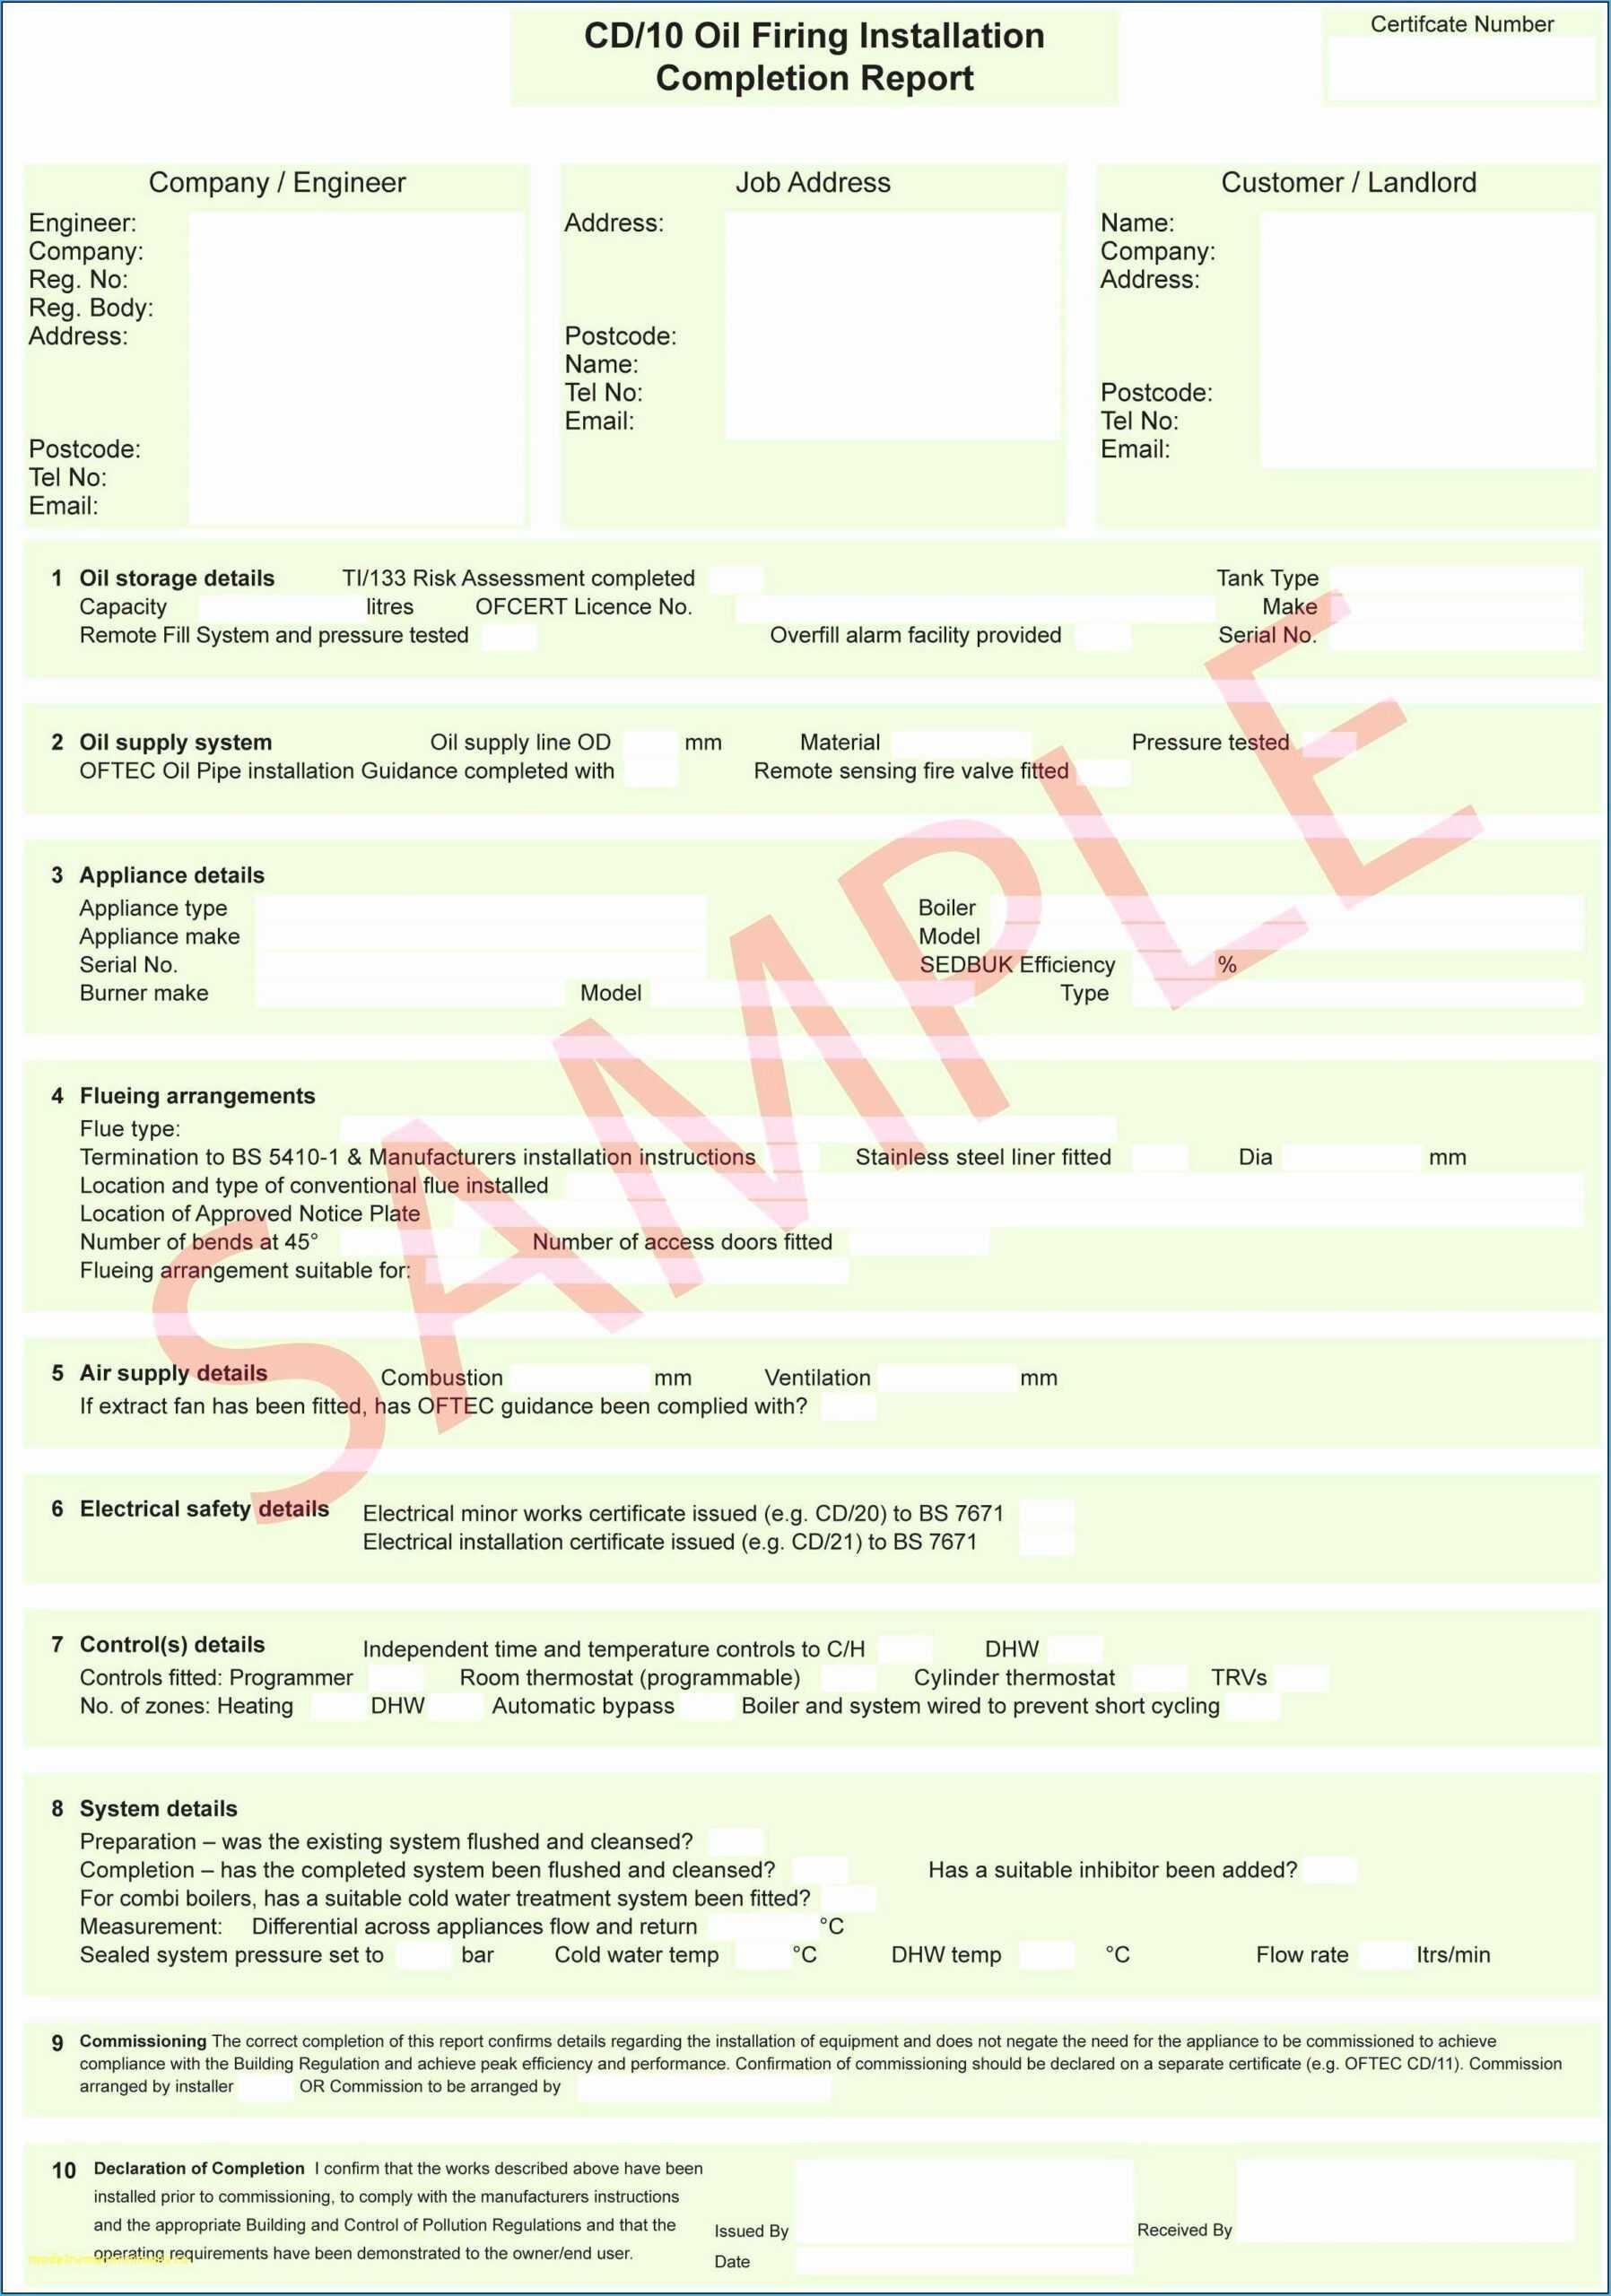 Incredible Gartner Certificate Templates As Prepossessing Intended For Gartner Certificate Templates